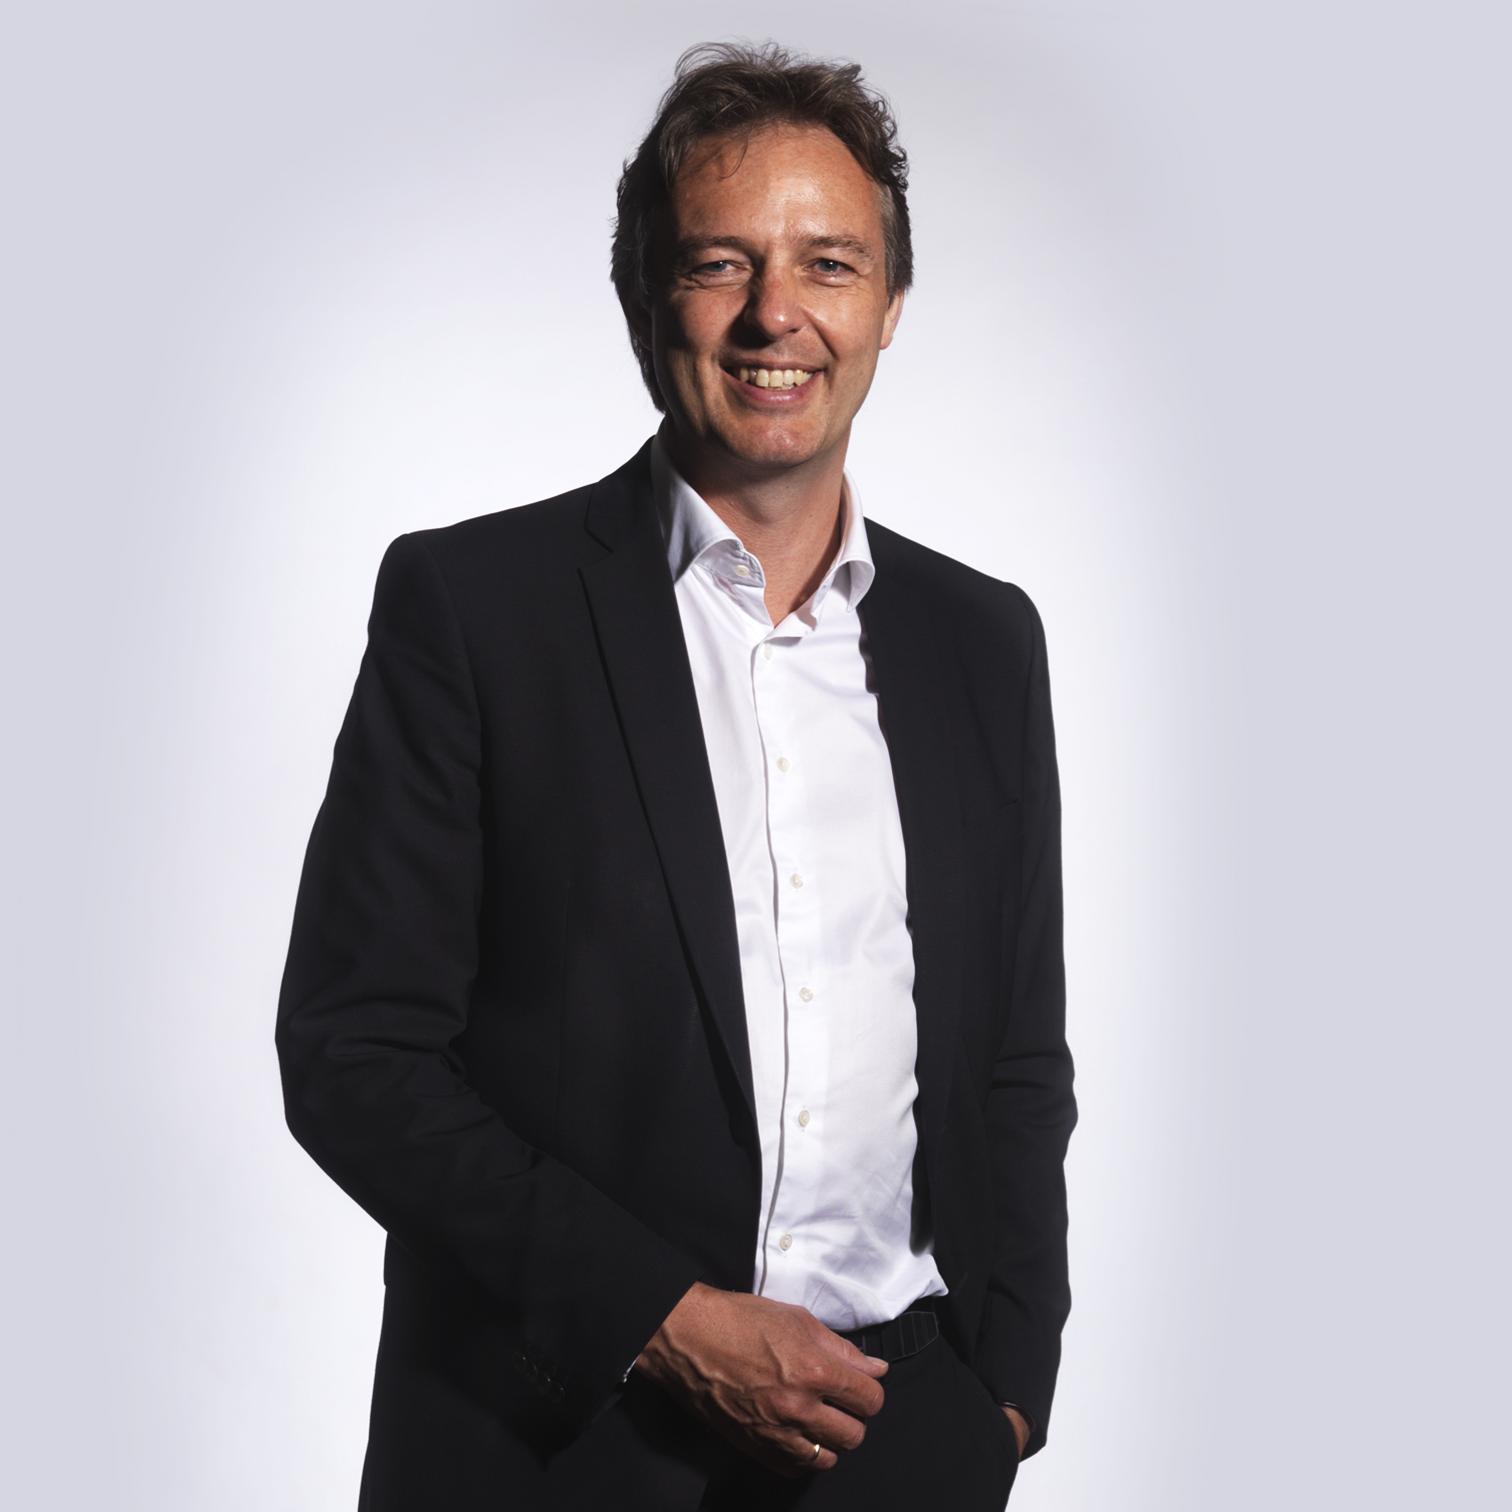 Flemming Schroll Madsen